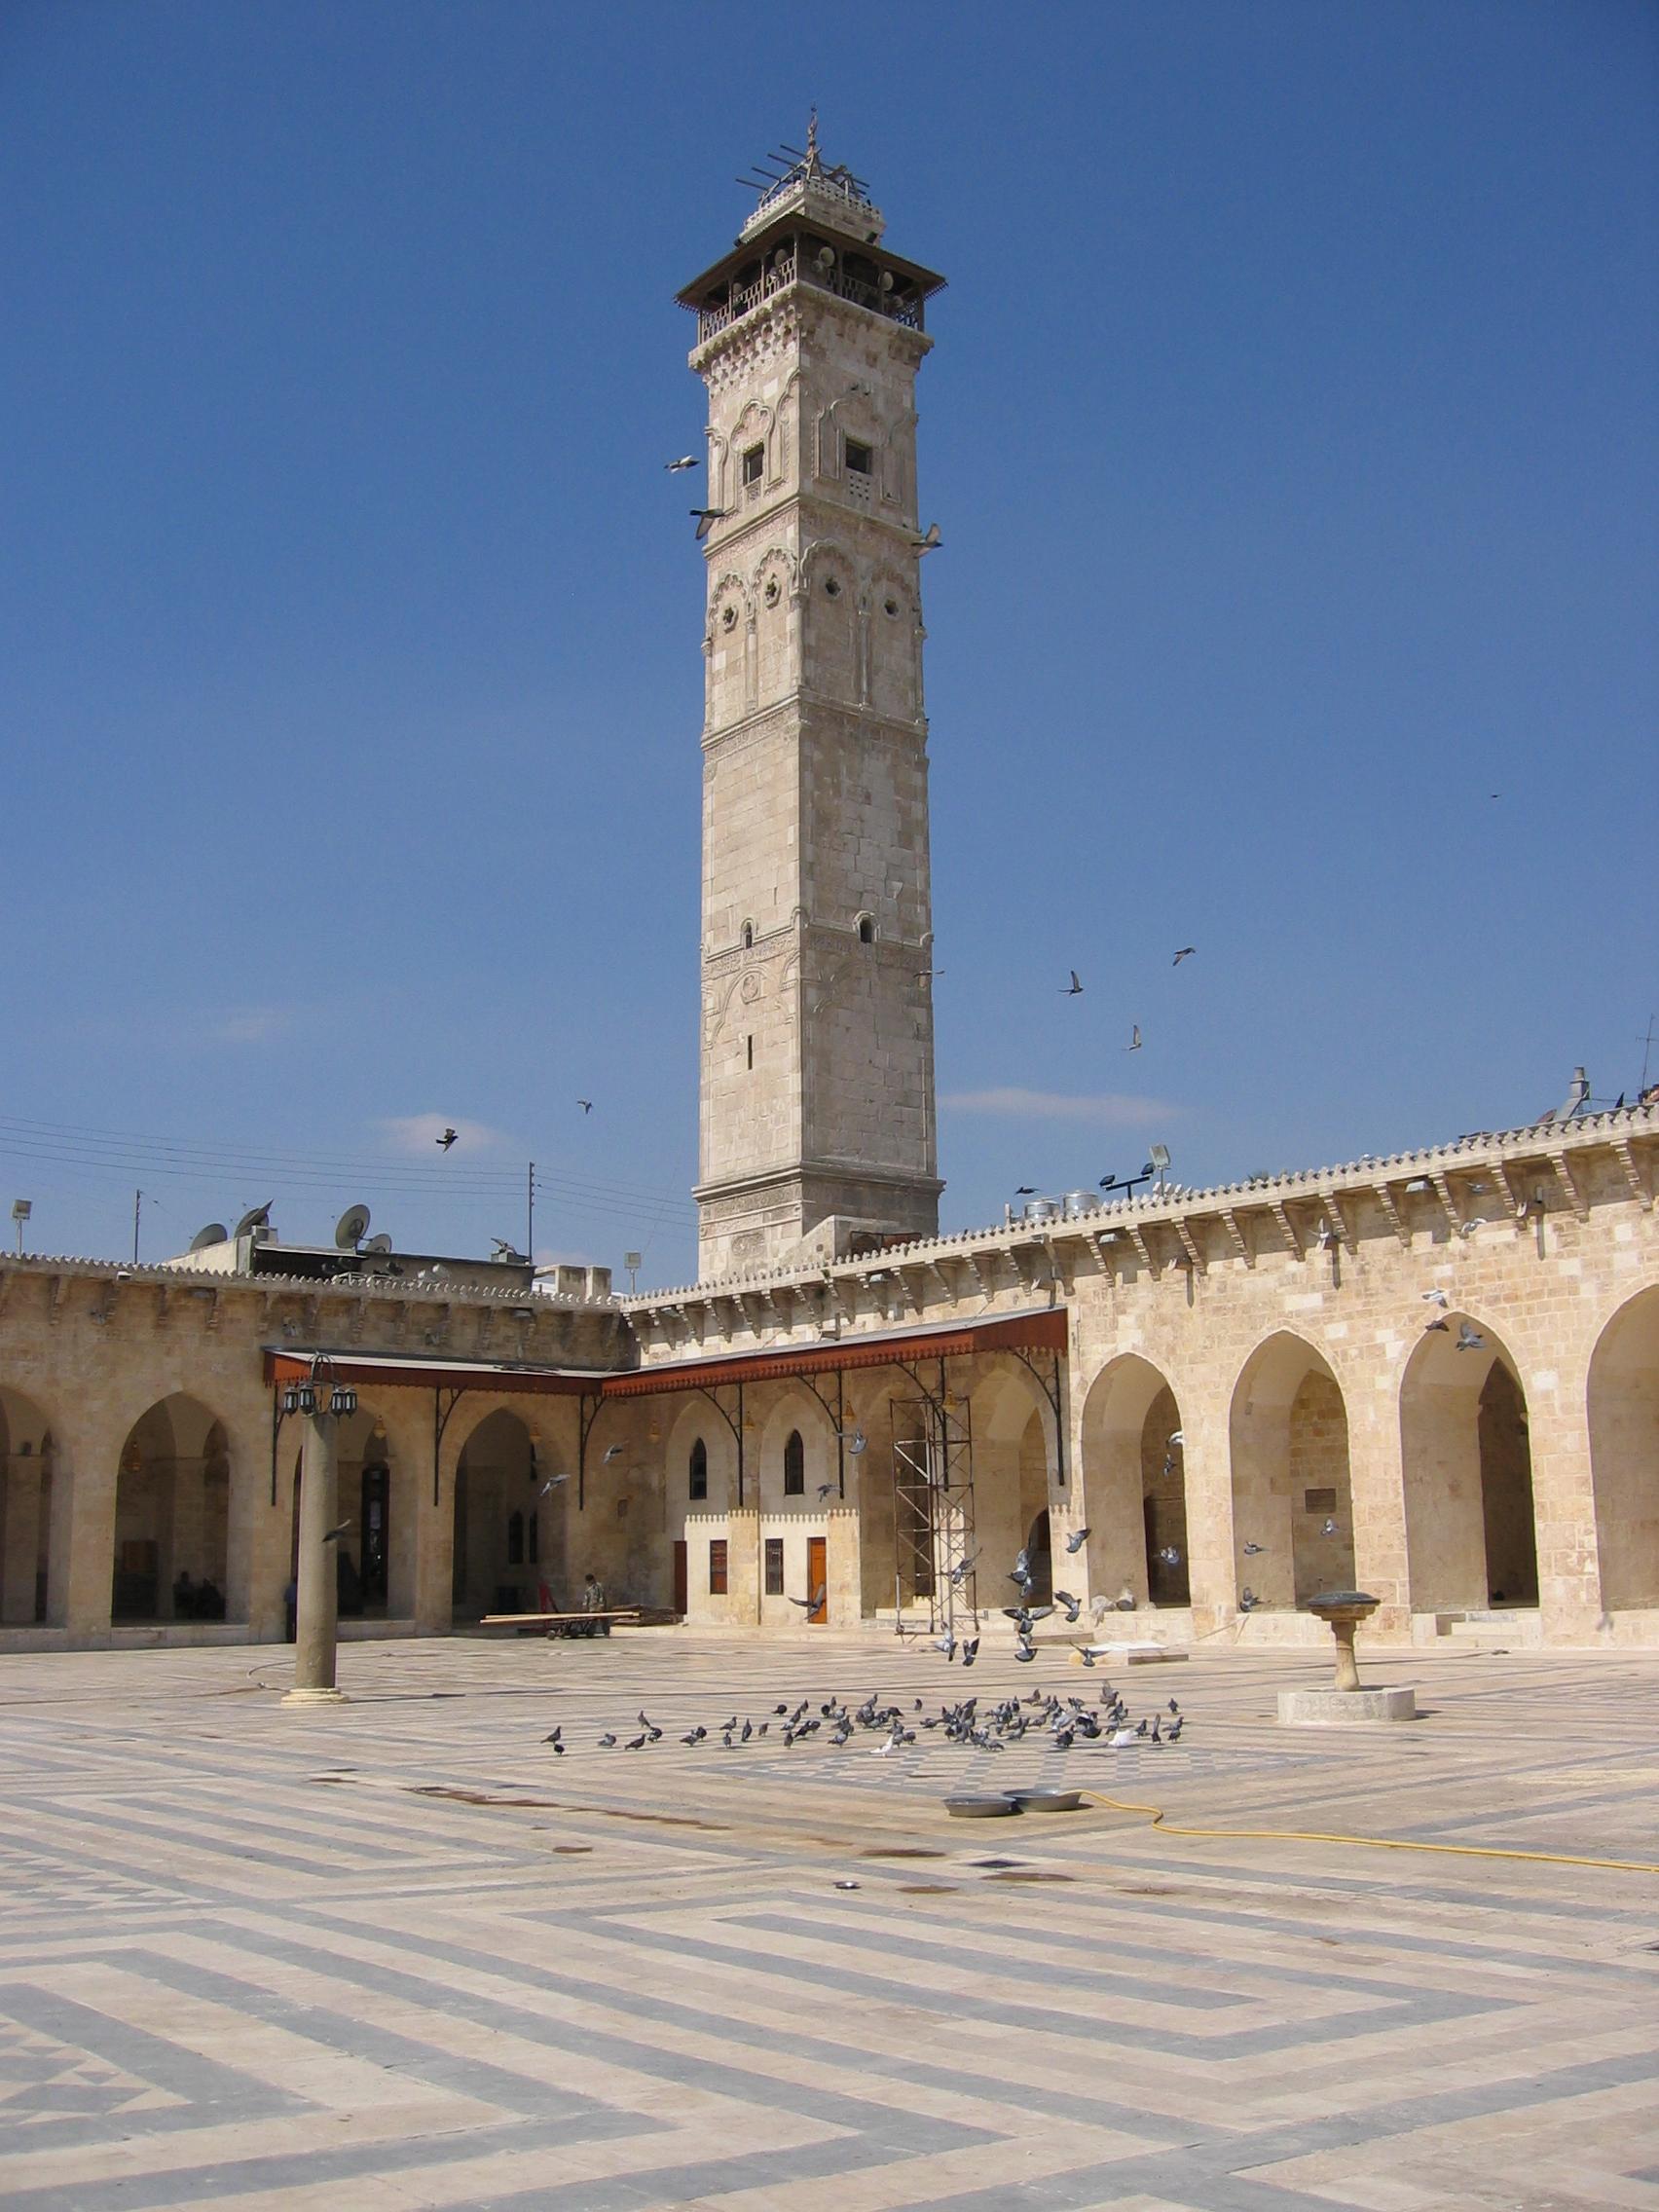 Omayadmoskéns minaret i Aleppo, Syrien